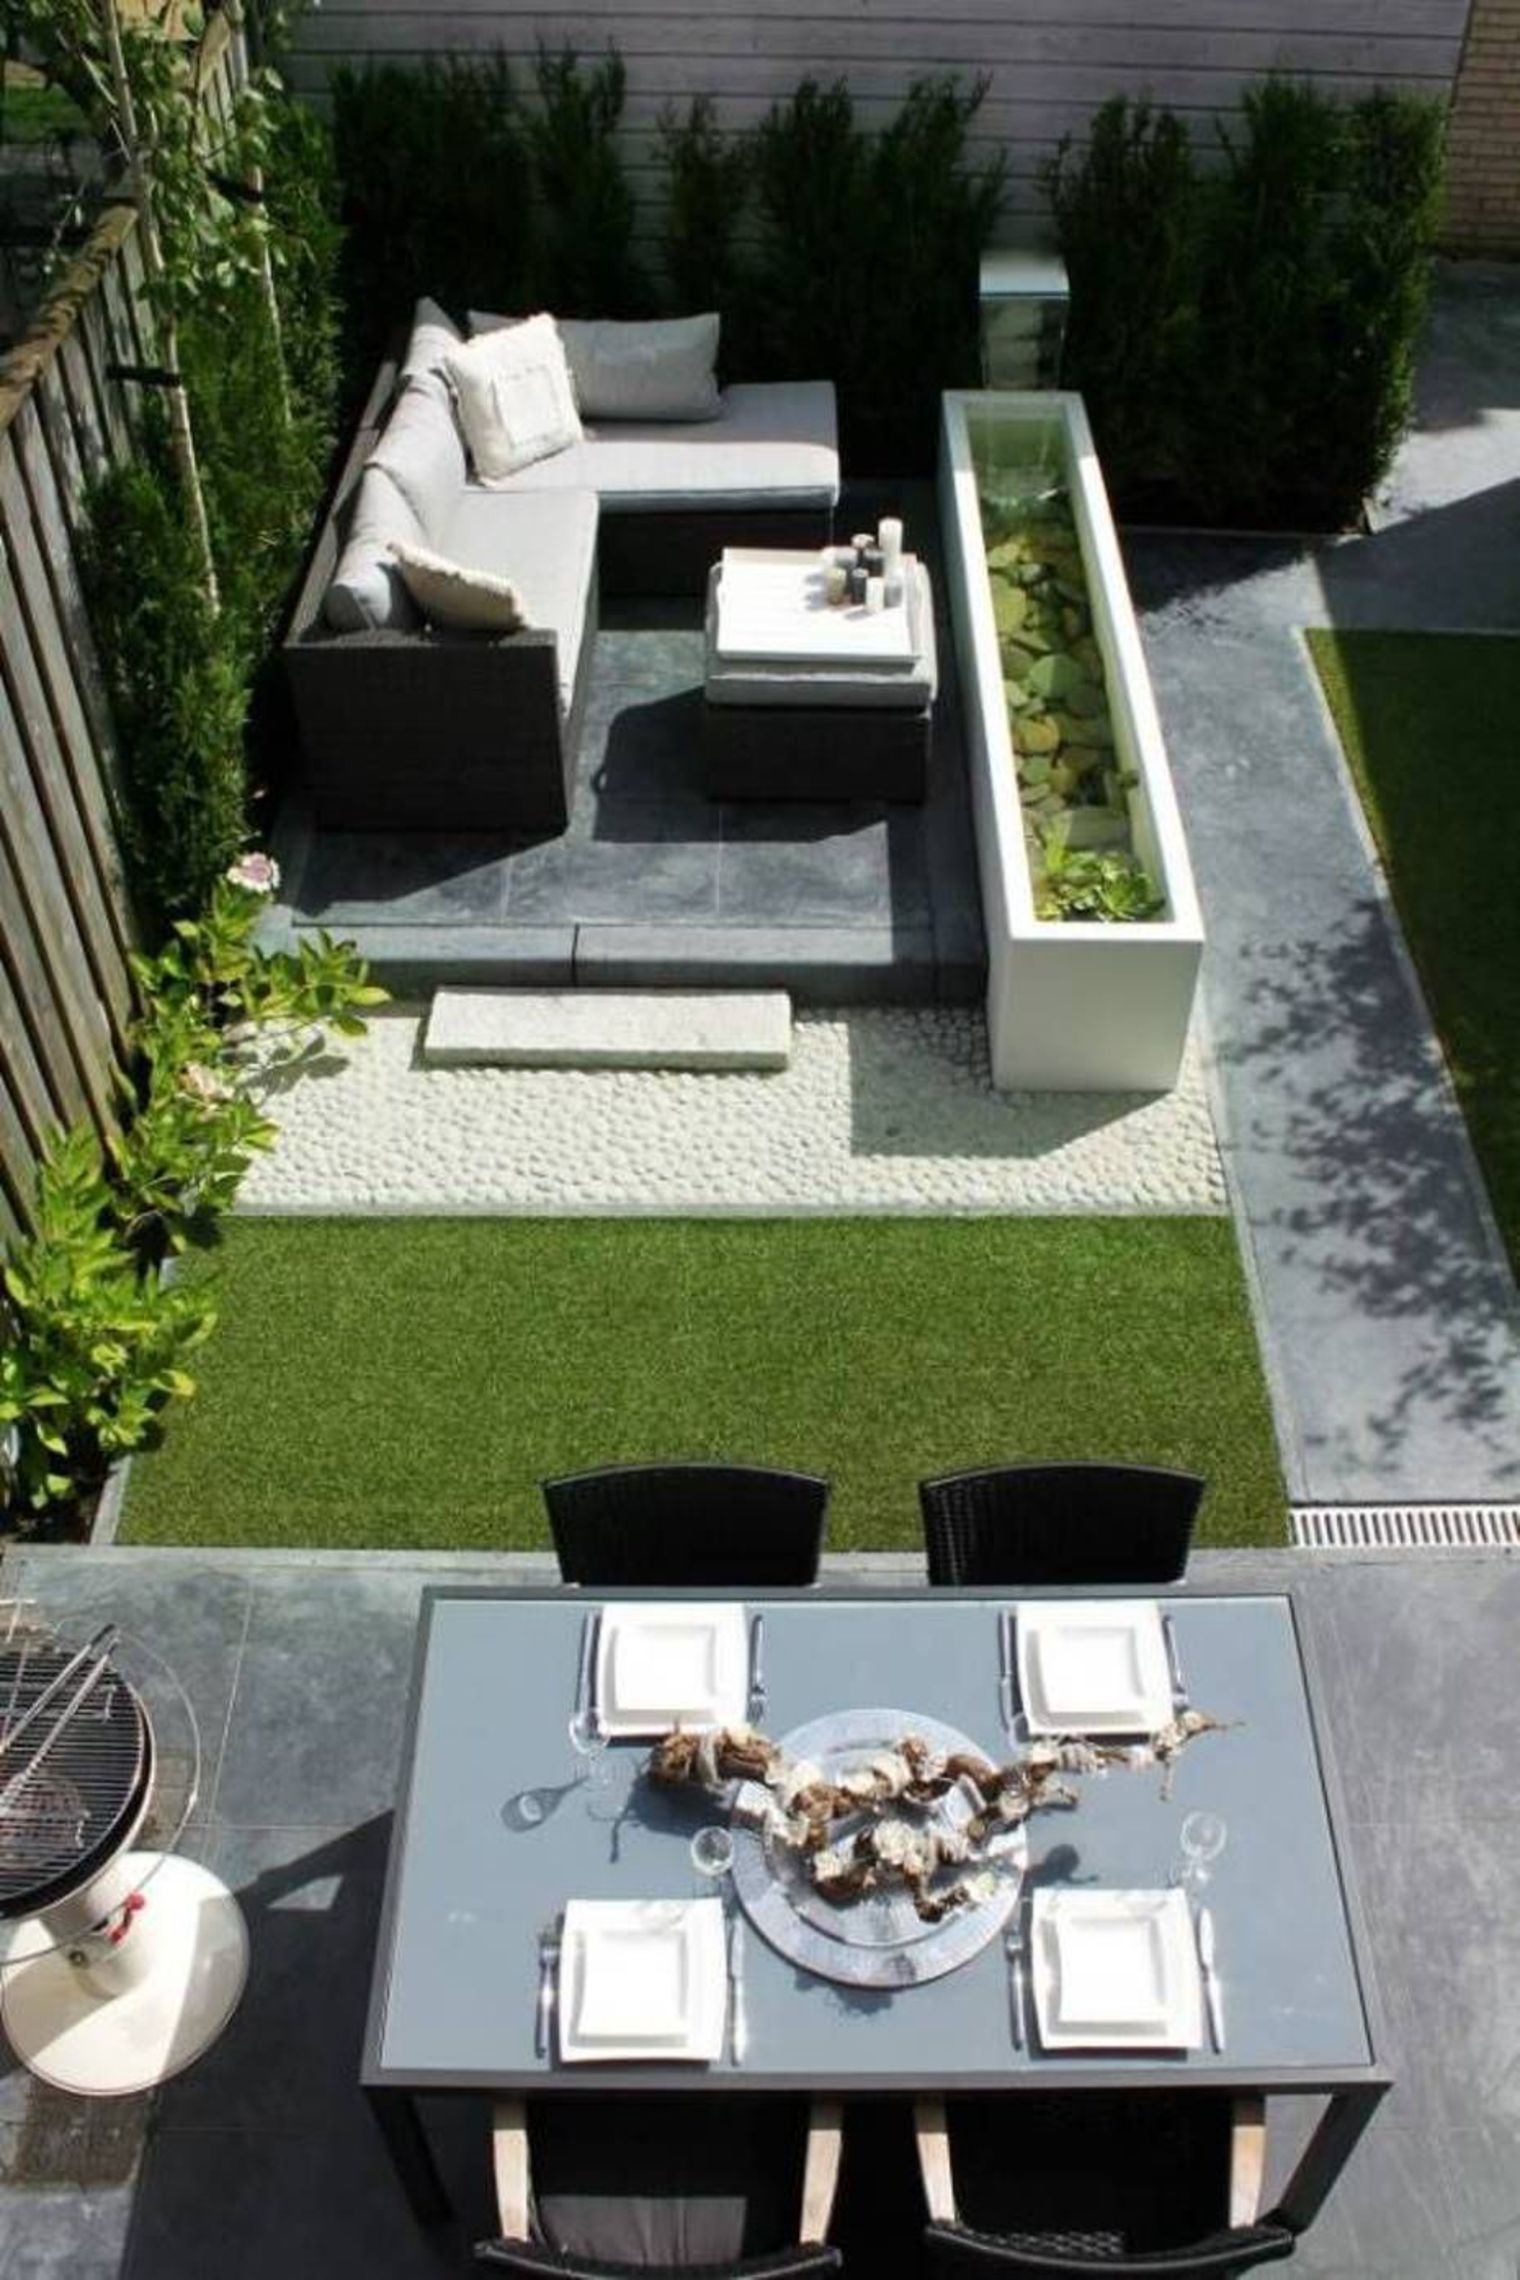 Petit Jardin : 8 Aménagements Repérés Sur Pinterest | Para ... concernant Salon De Jardin Casa